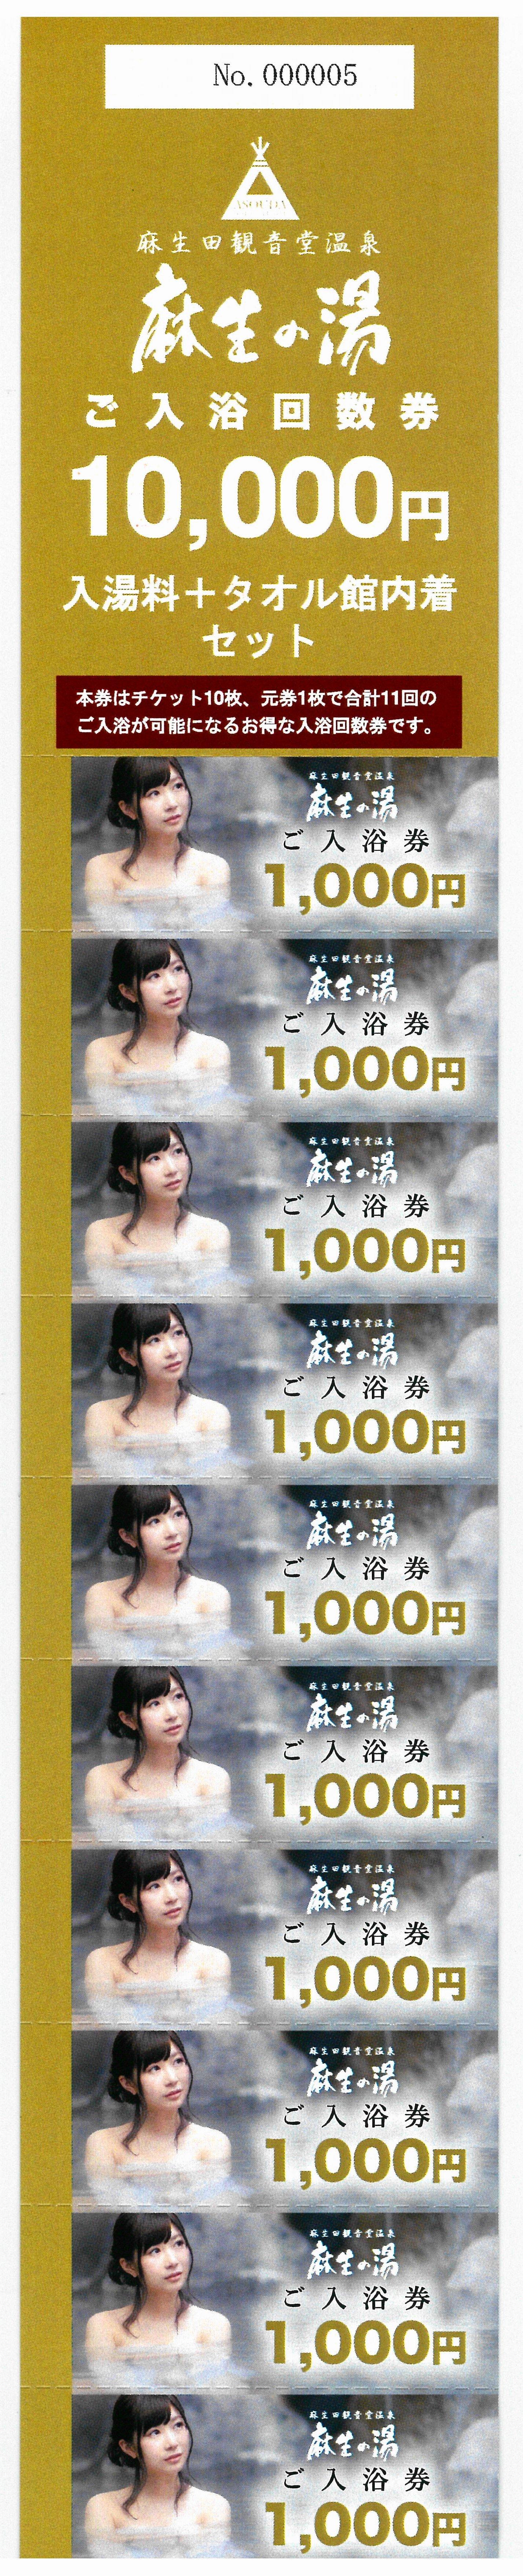 ご入浴回数券(入湯料+タオル+館内着セット) 10,000円のイメージその1